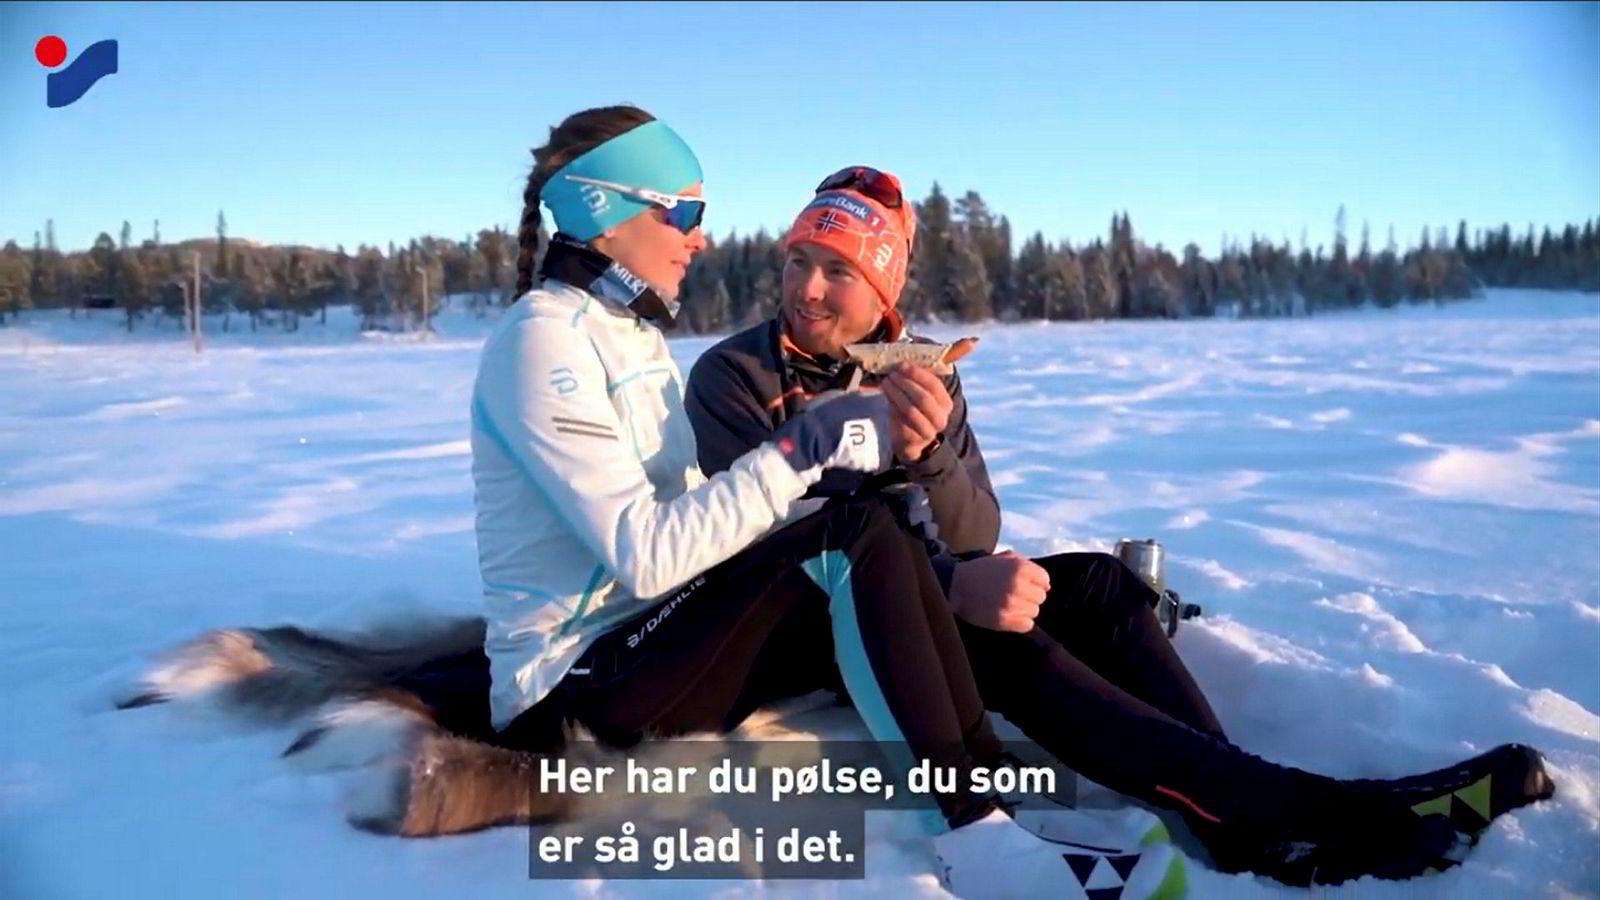 Emil Iversen og kjæresten har stilt opp i seks reklamefilmer for Intersport.